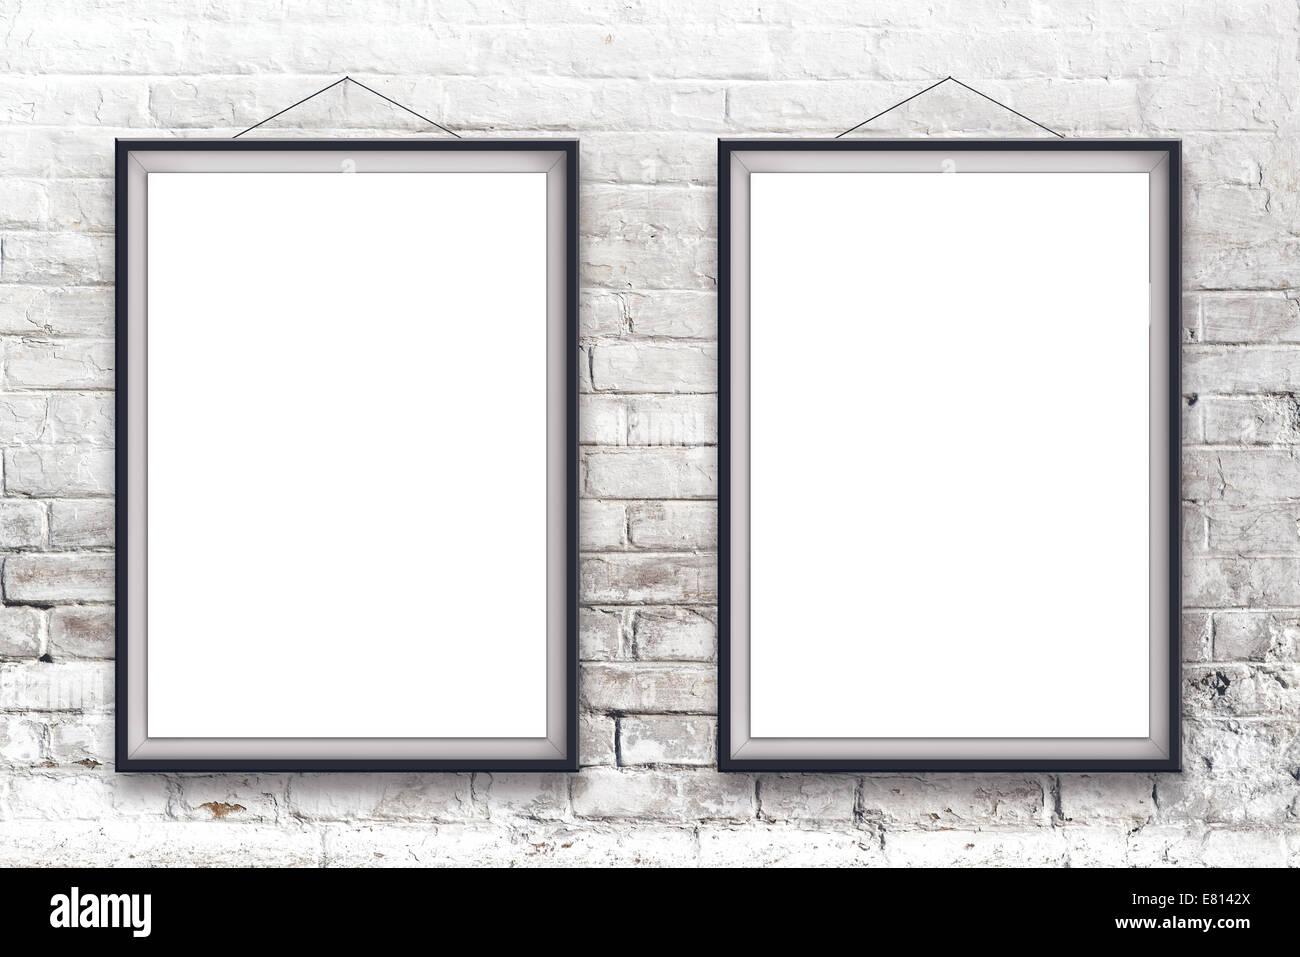 Zwei leere vertikale Malerei Poster in schwarzen Rahmen hängen weiße ...